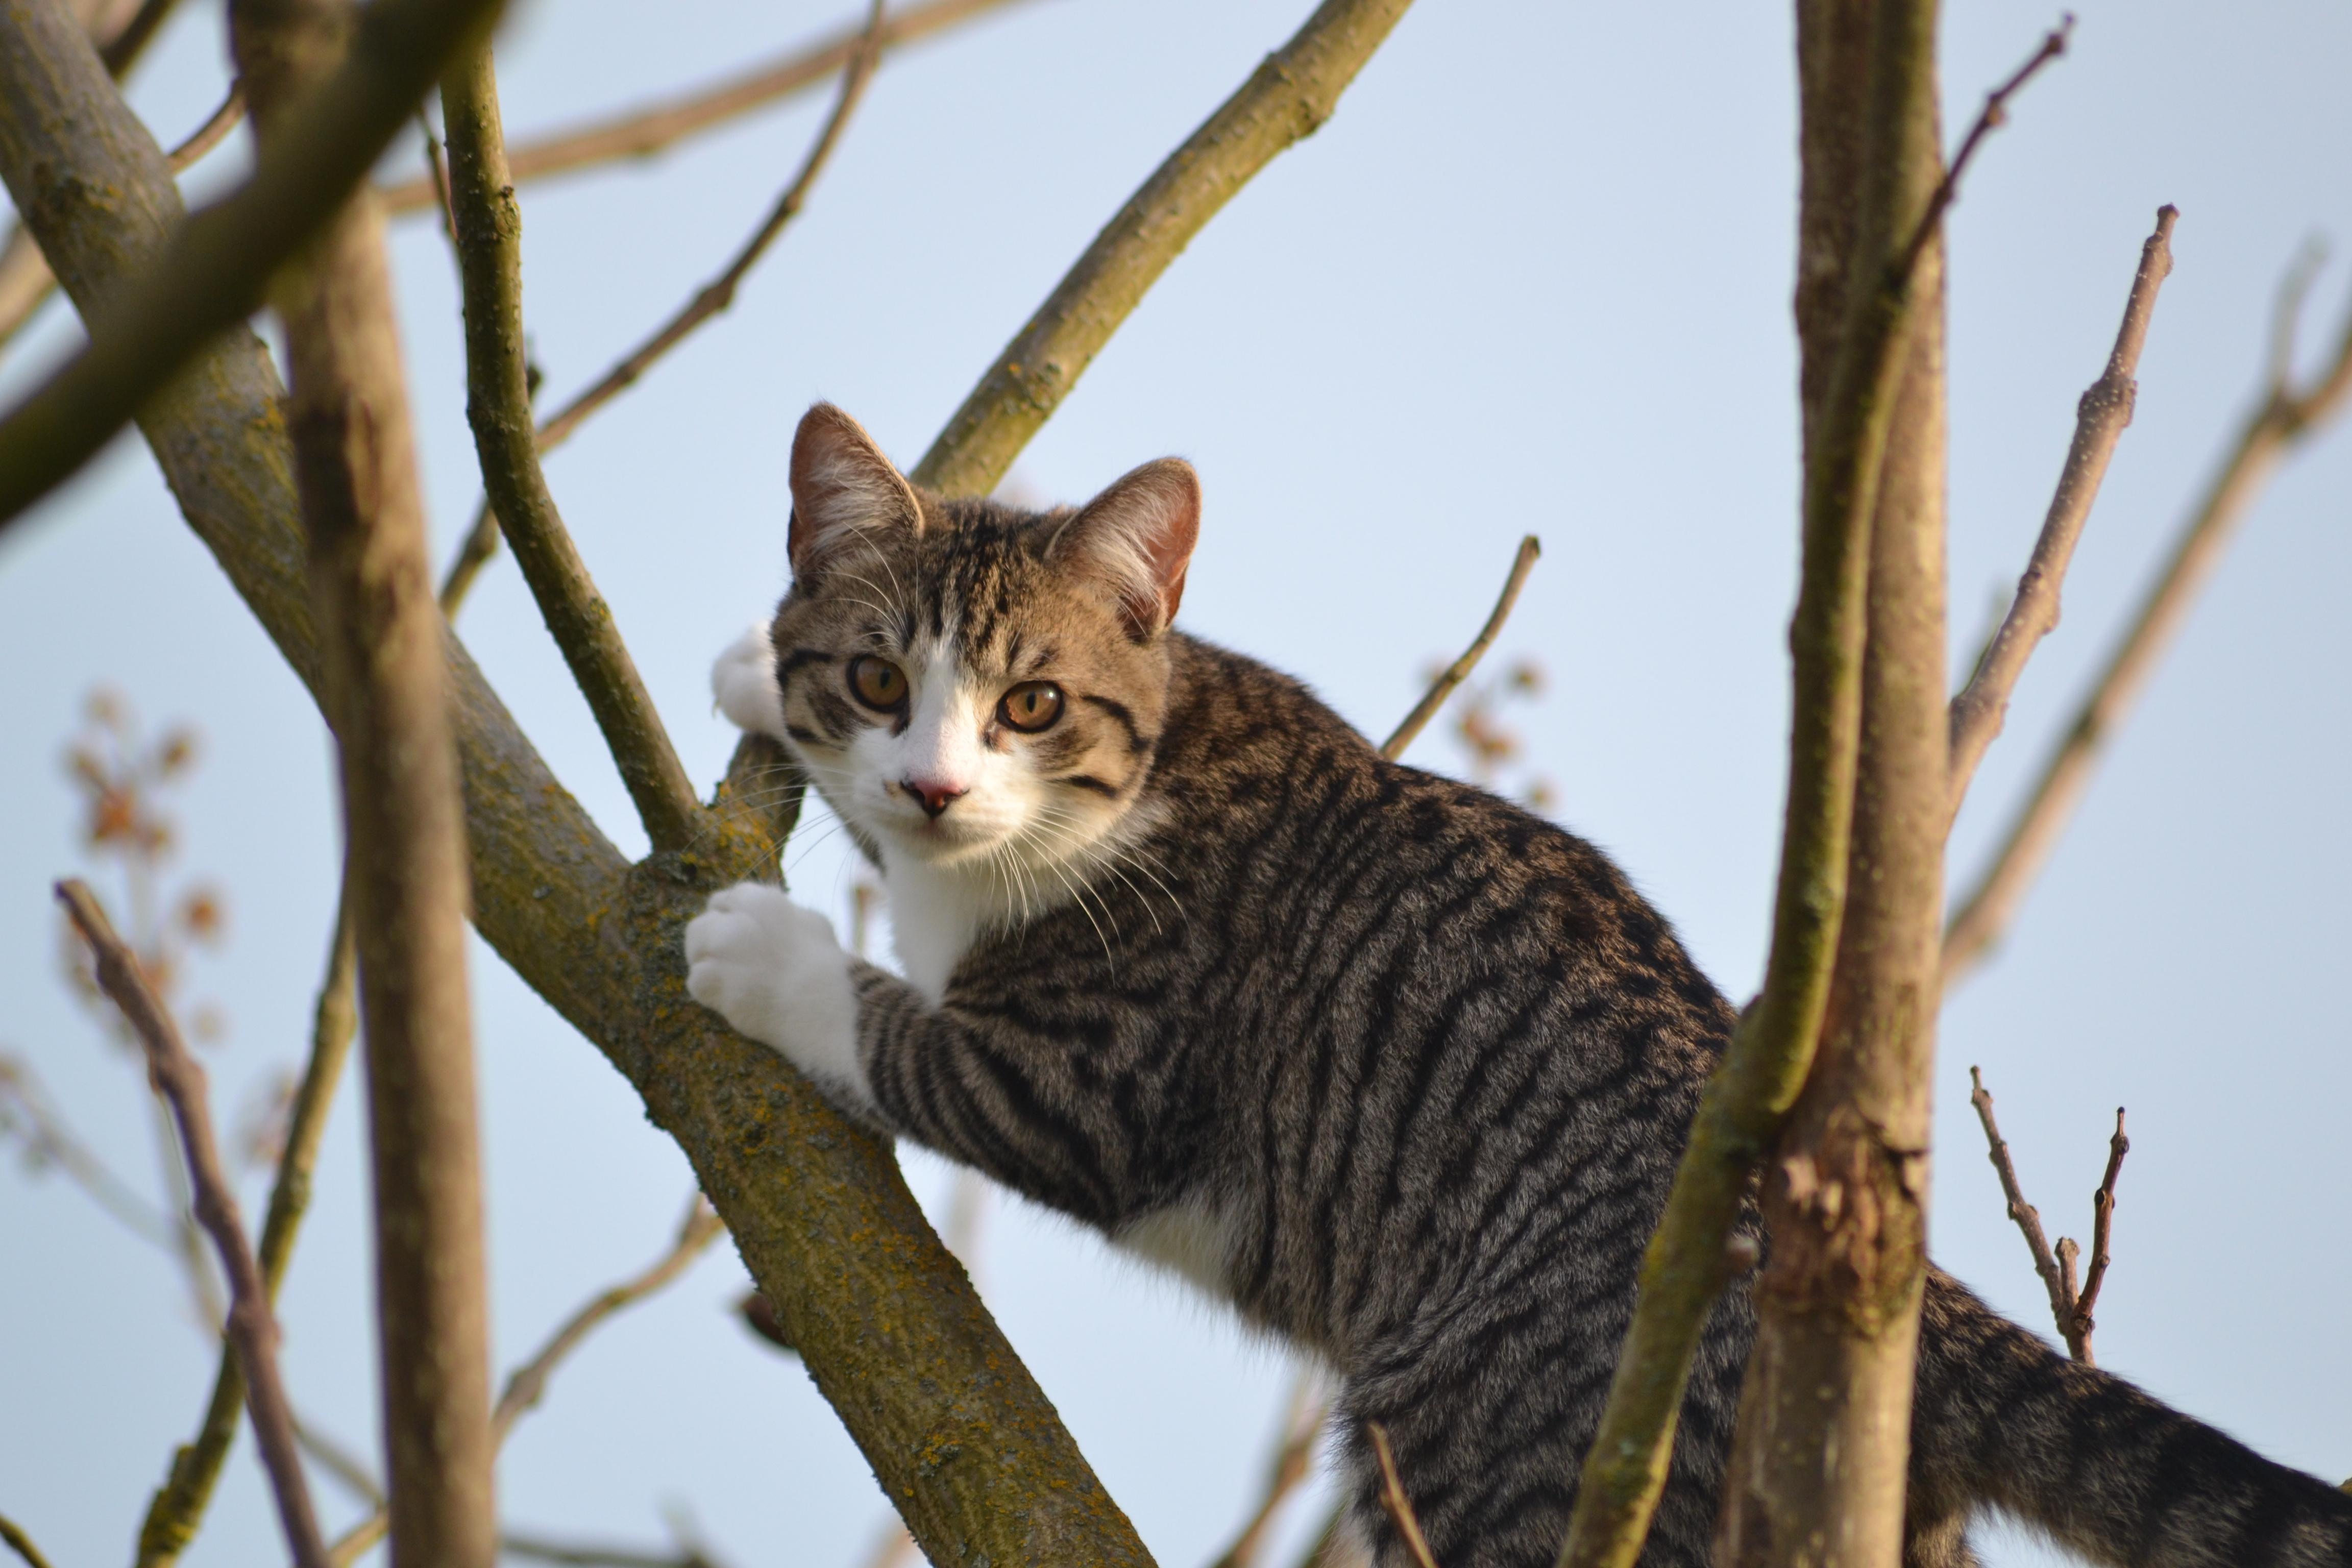 Un chat dans les arbres, c'est beau